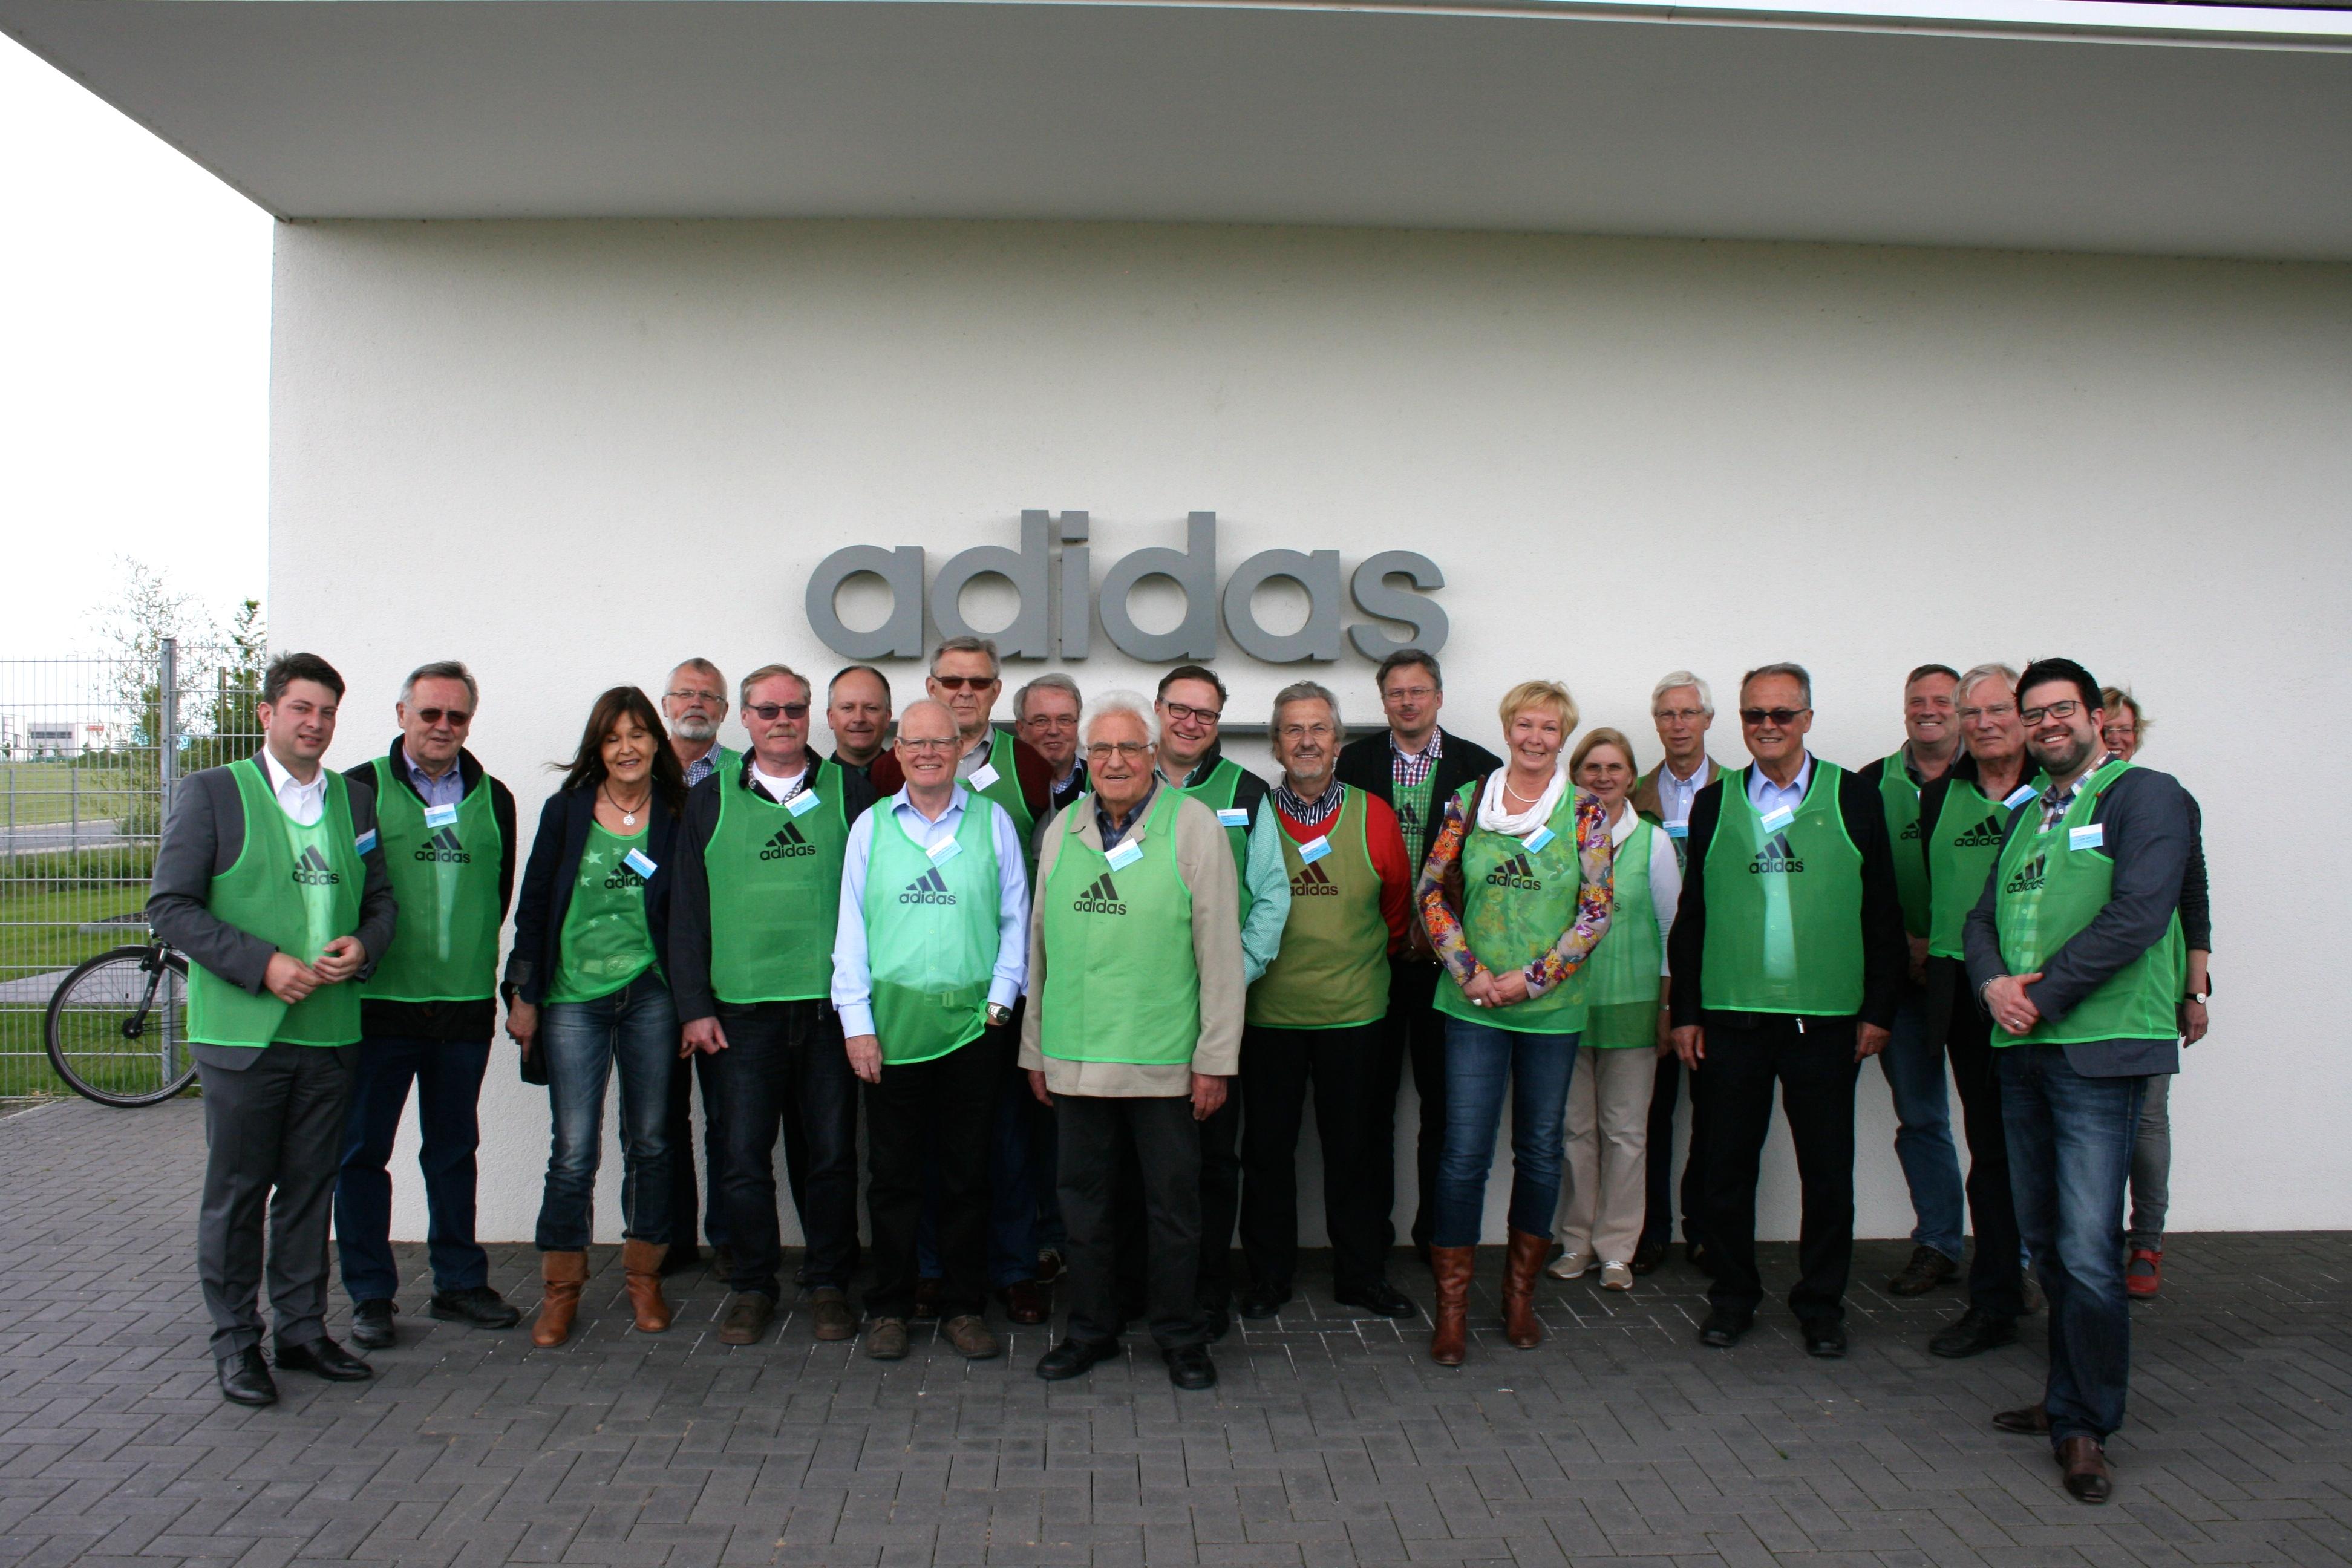 2015: Besichtigung der Fa. adidas im Niedersachsenpark mit der Mittelstandsvereinigung.